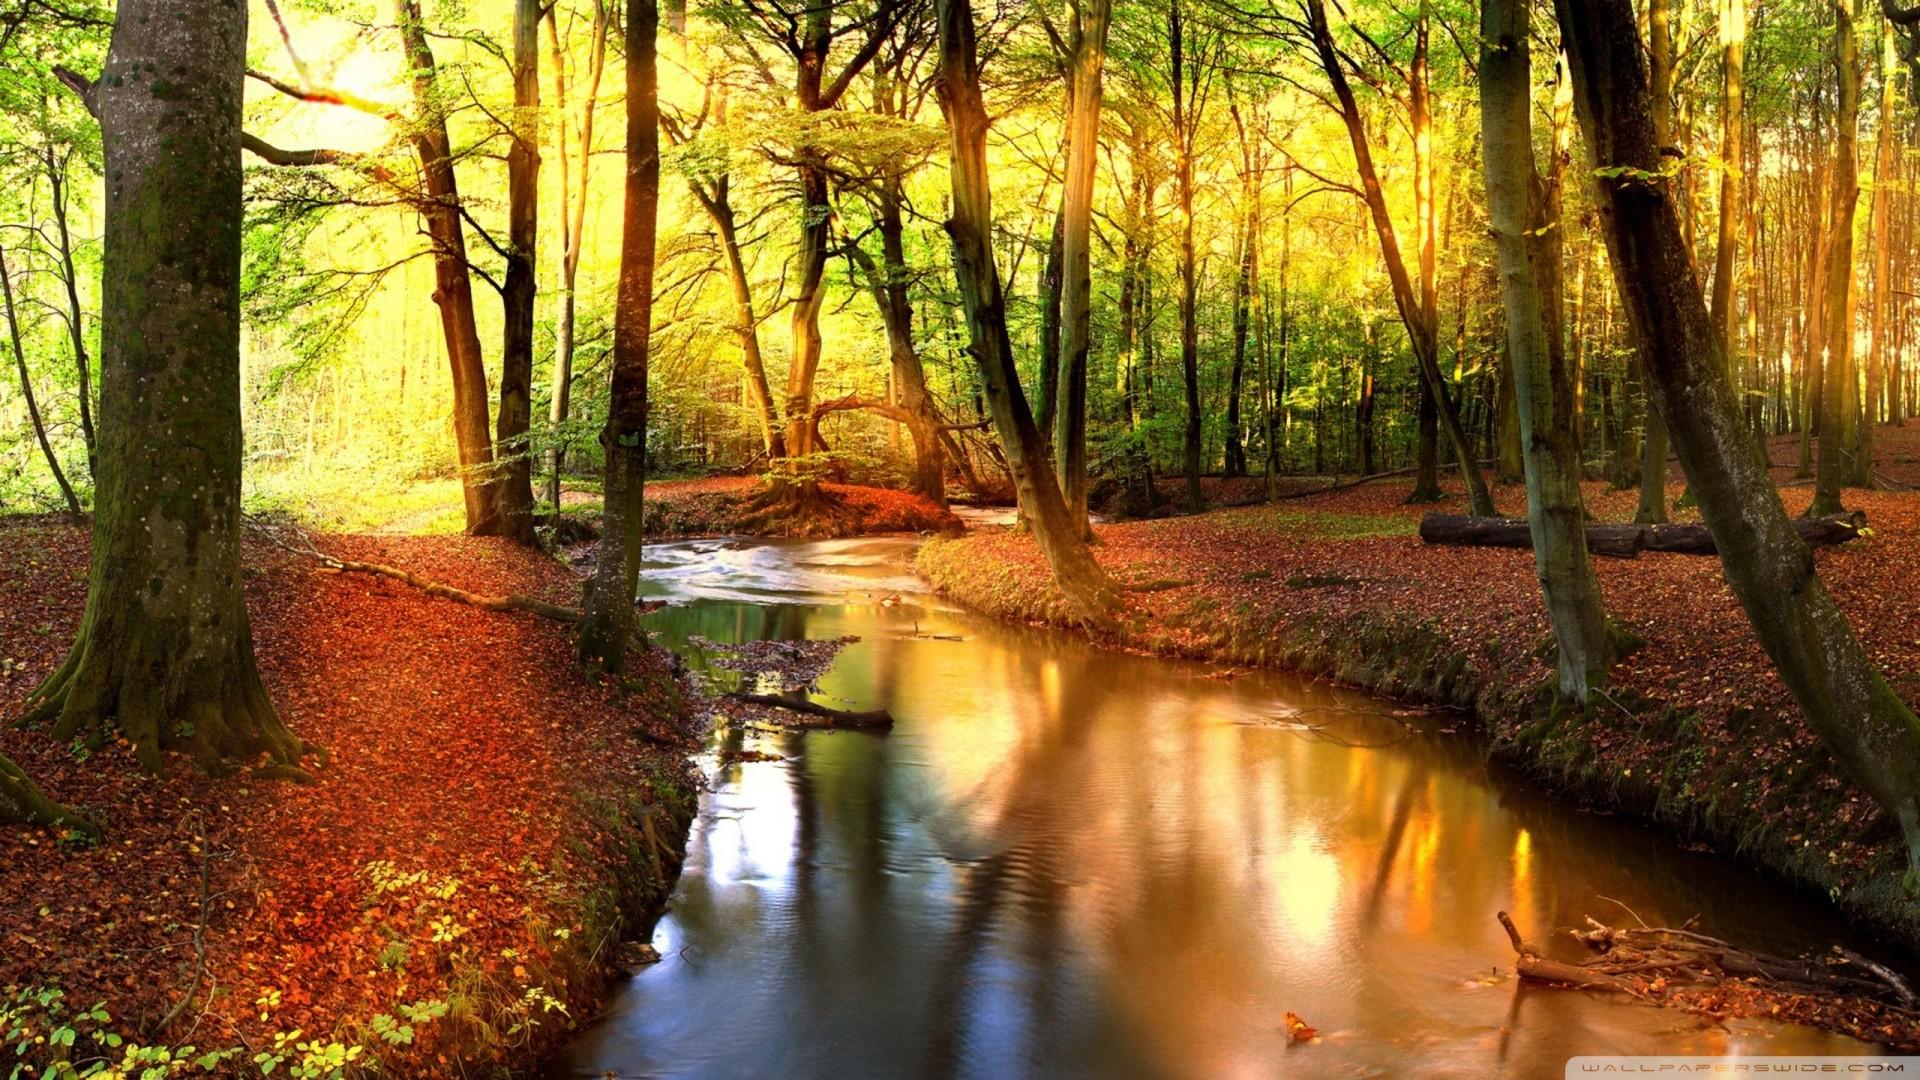 Autumn Landscape Wallpaper (69+ images)